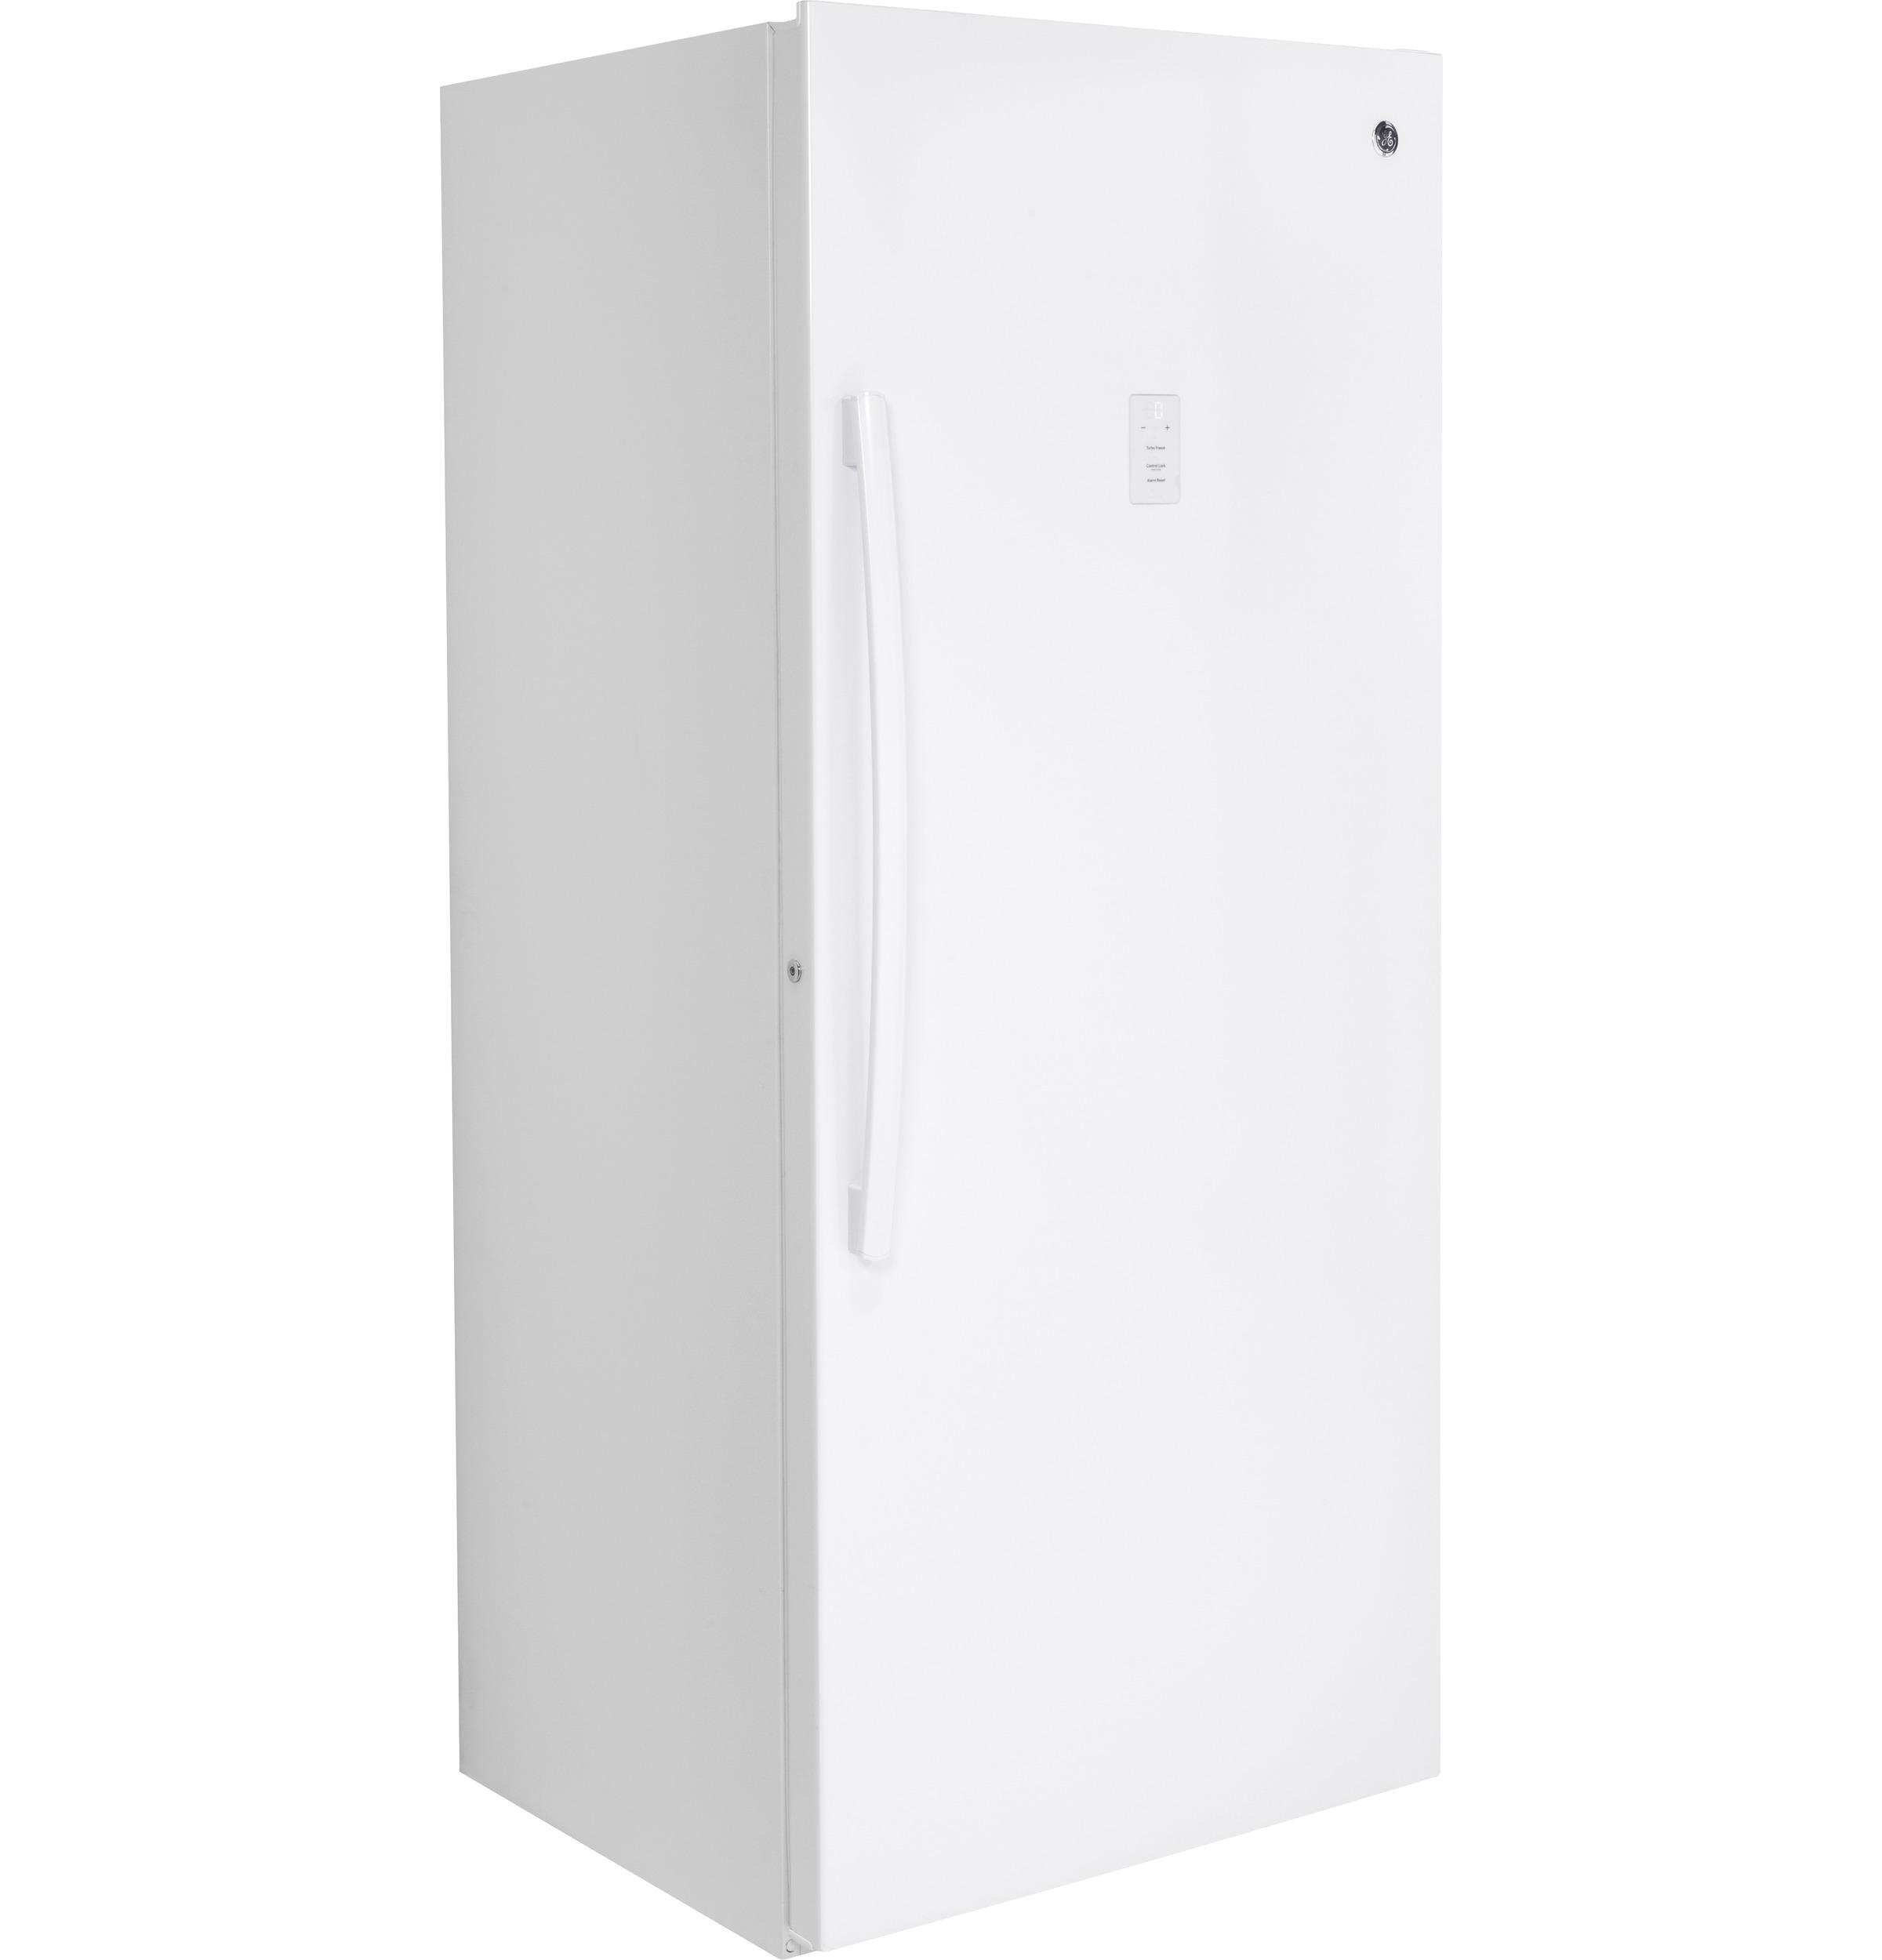 Model: FUF21DLRWW | GE® 21.3 Cu. Ft. Frost-Free Upright Freezer